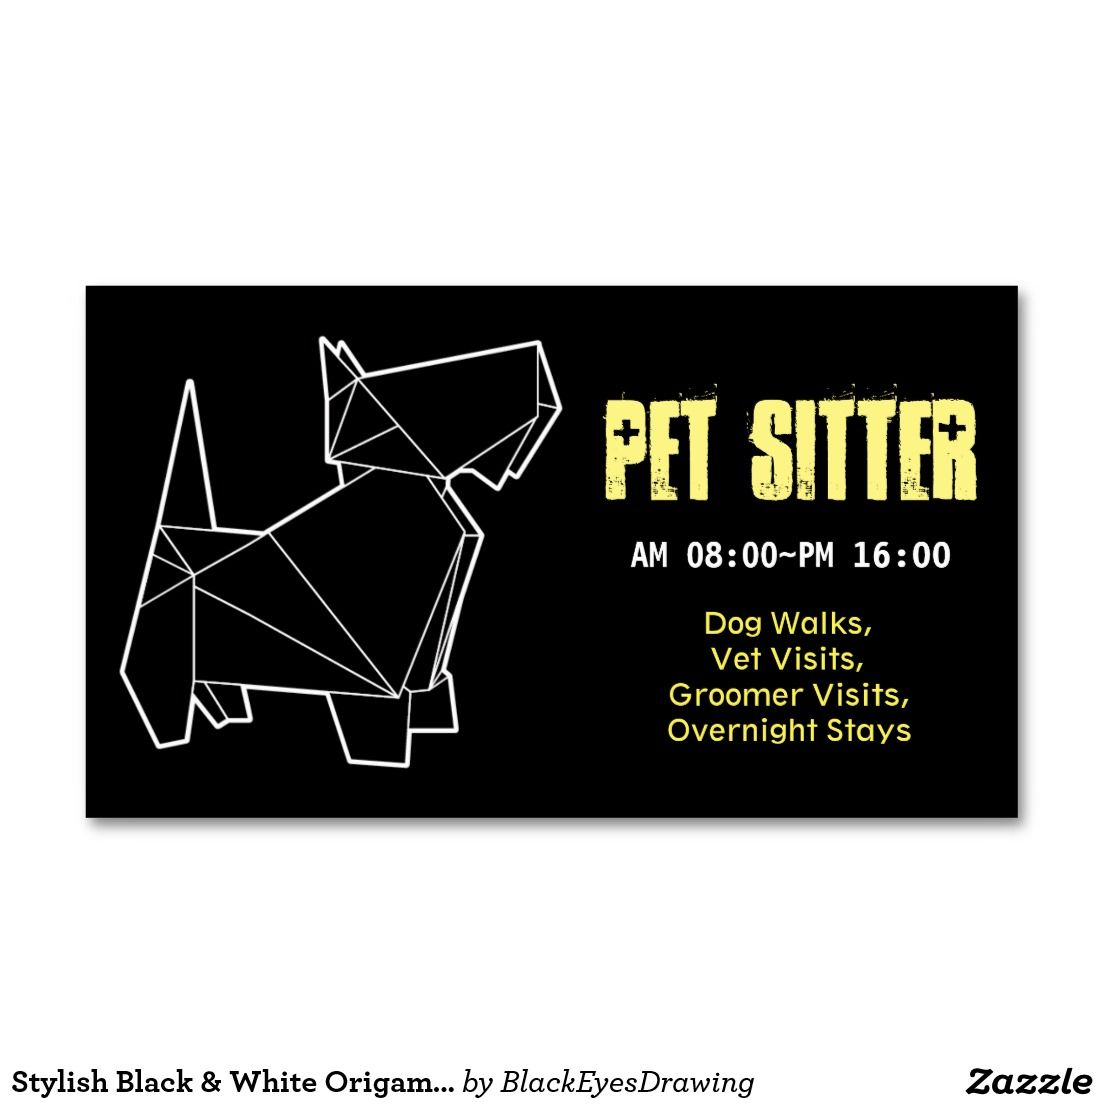 Stylish Black & White Origami Dog Pet Sitter Business Card ...